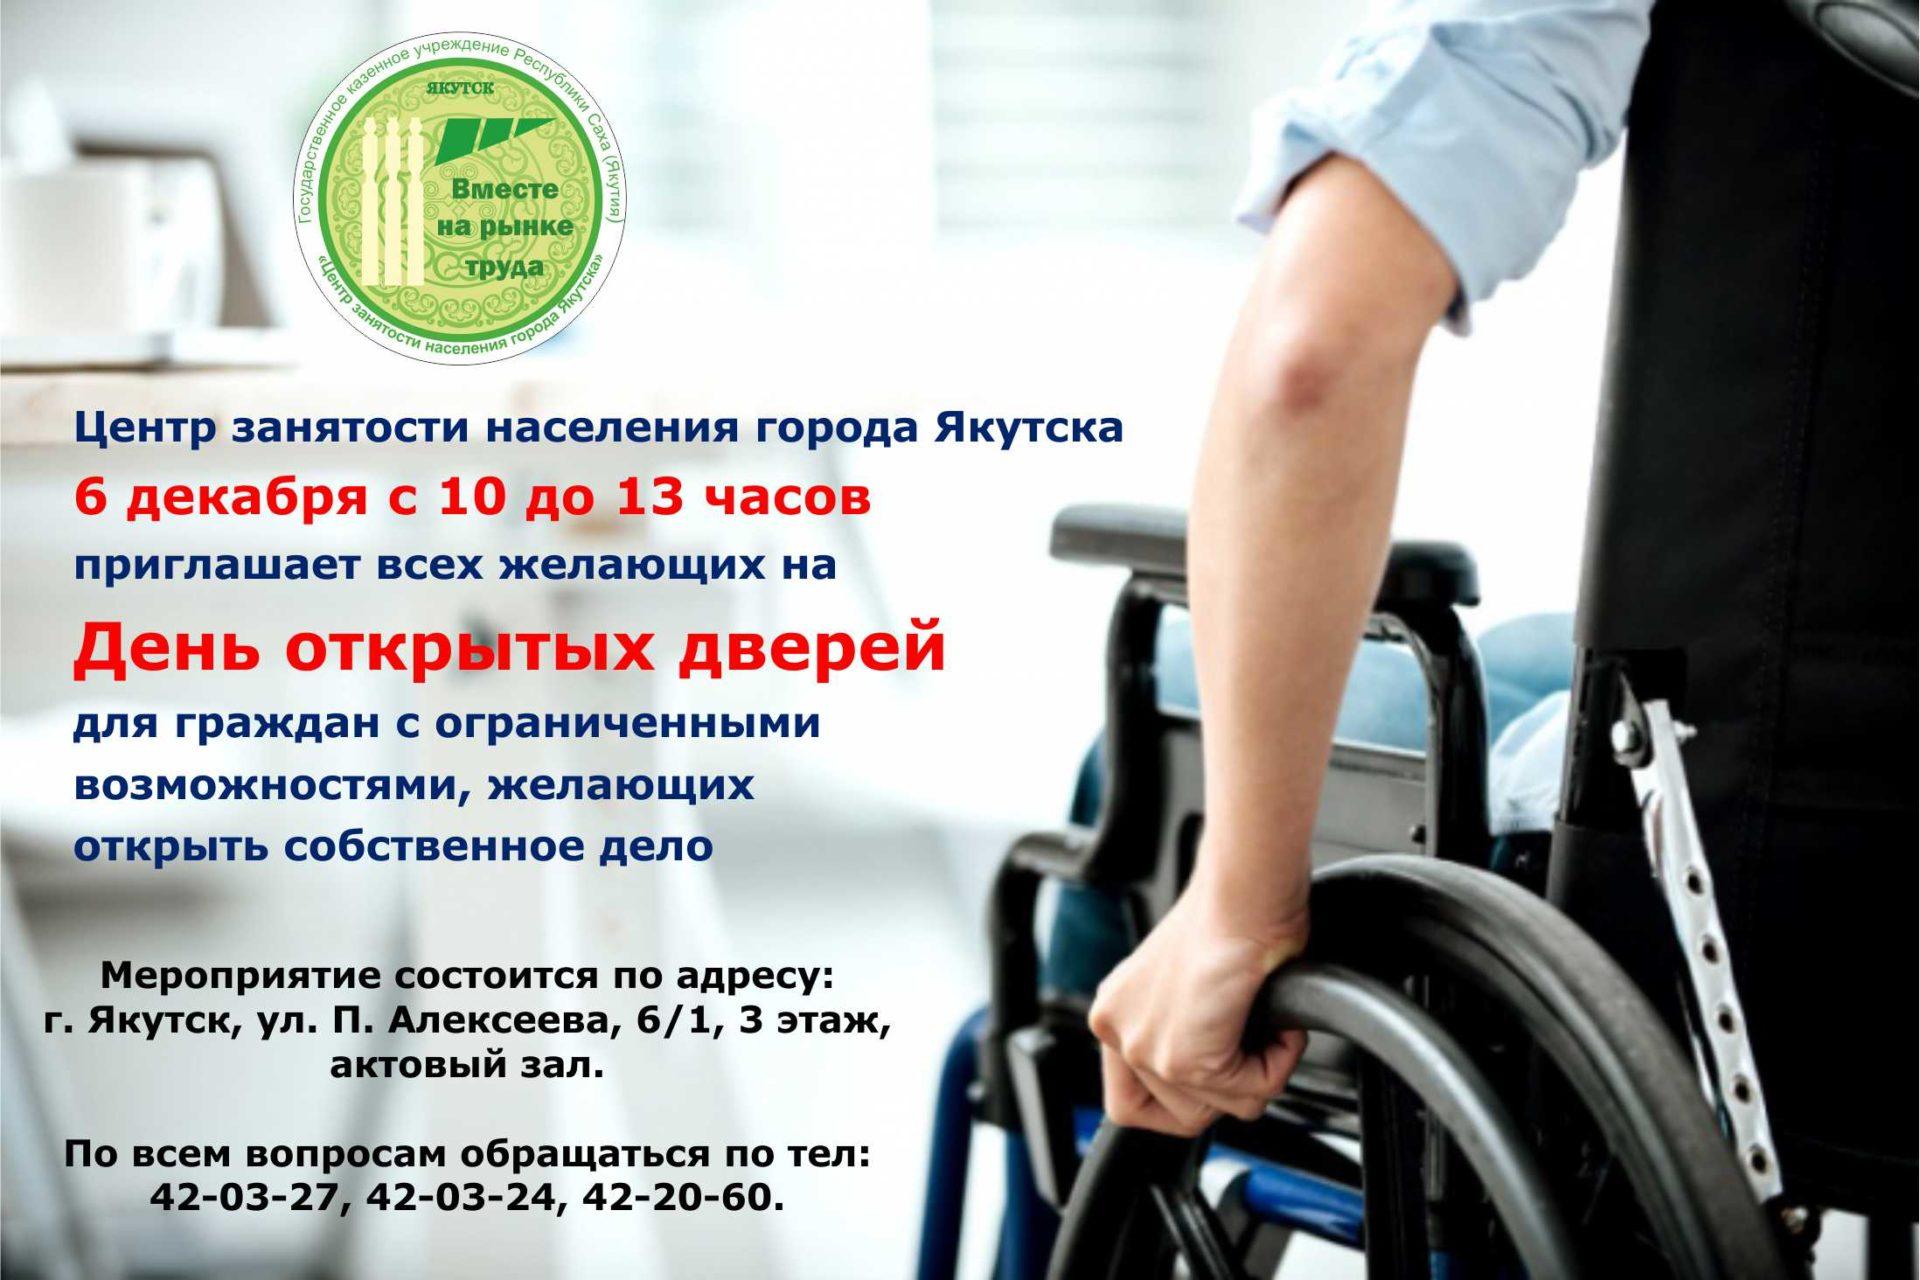 Центр занятости Якутска  приглашает всех желающих на День открытых дверей